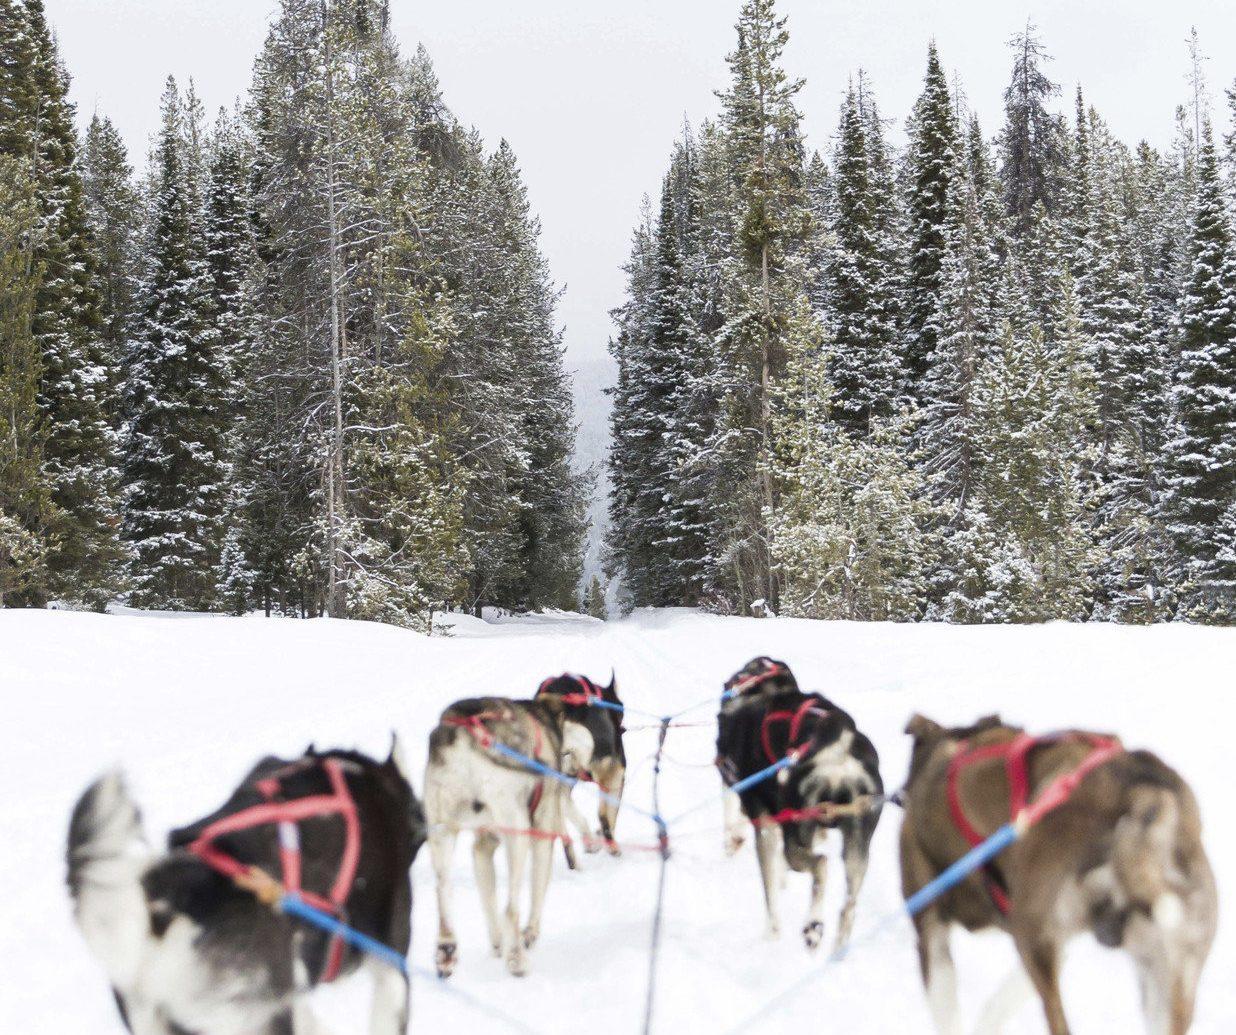 Hotels Luxury Travel Mountains + Skiing tree transport outdoor snow sled Dog dog sled vehicle land vehicle mushing skiing sled dog racing Winter sled dog animal sports dog like mammal line